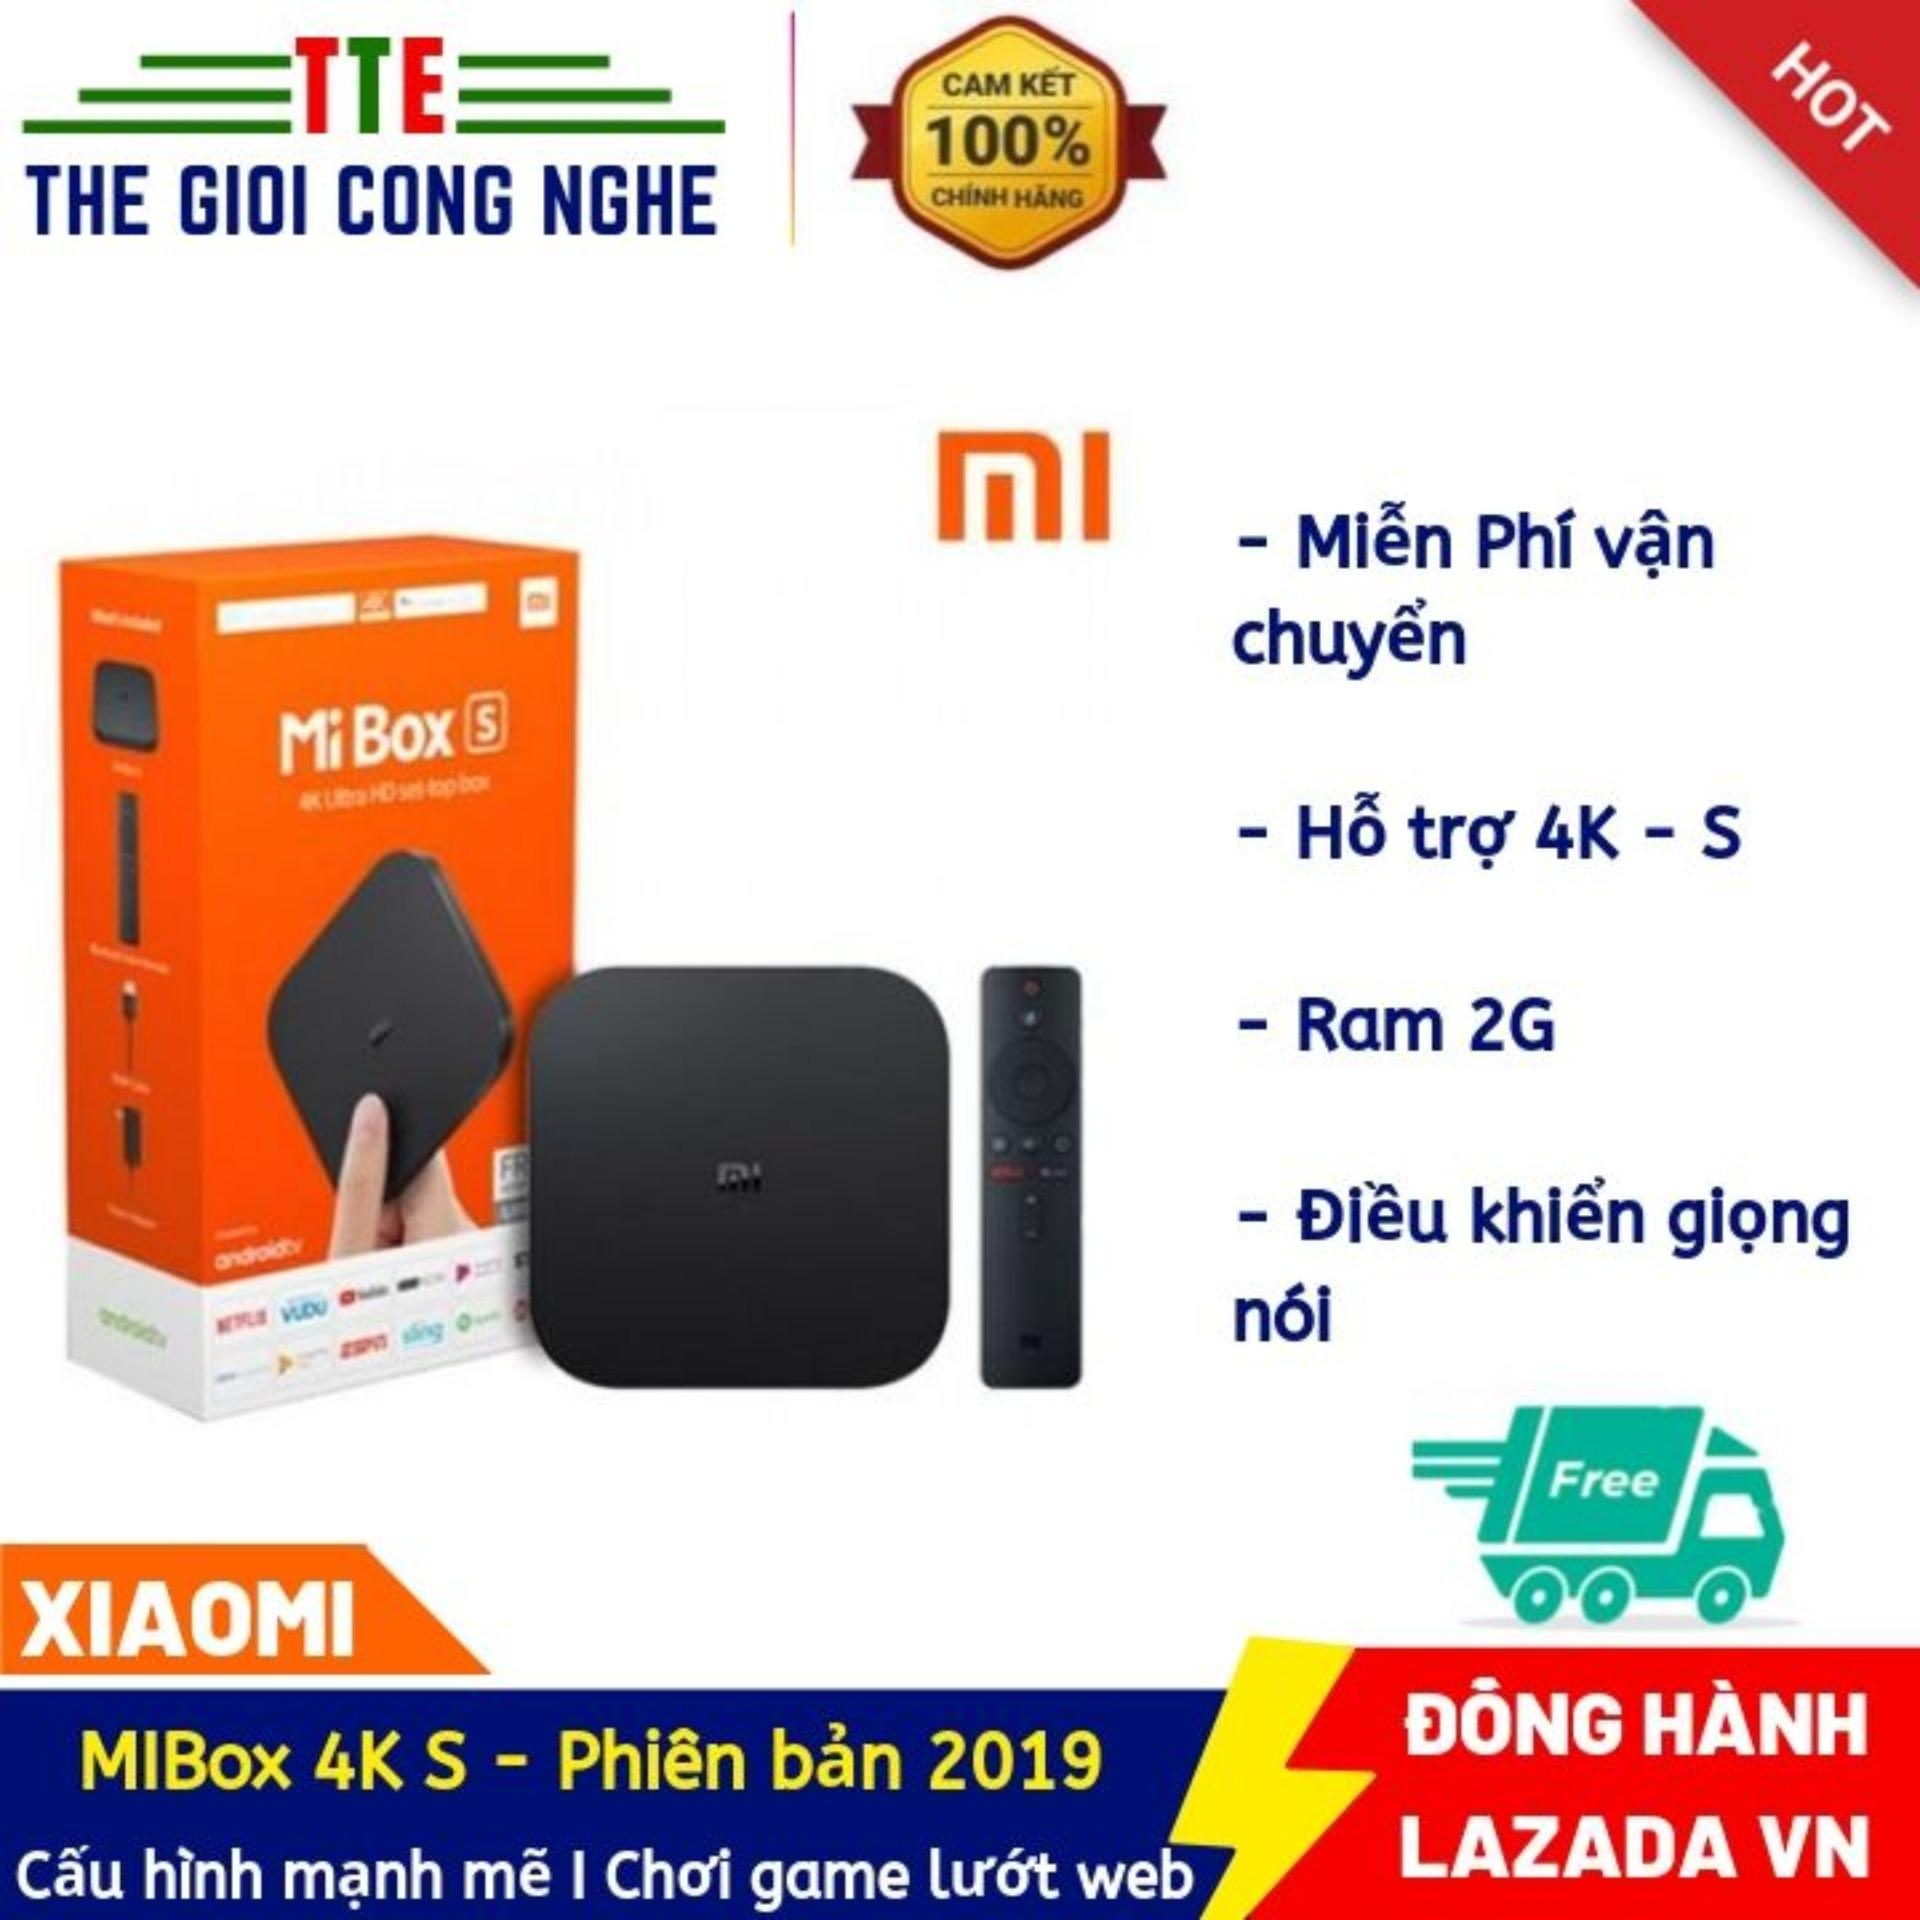 Bảng giá MIBOX S 4K QUỐC TẾ - TIẾNG VIỆT